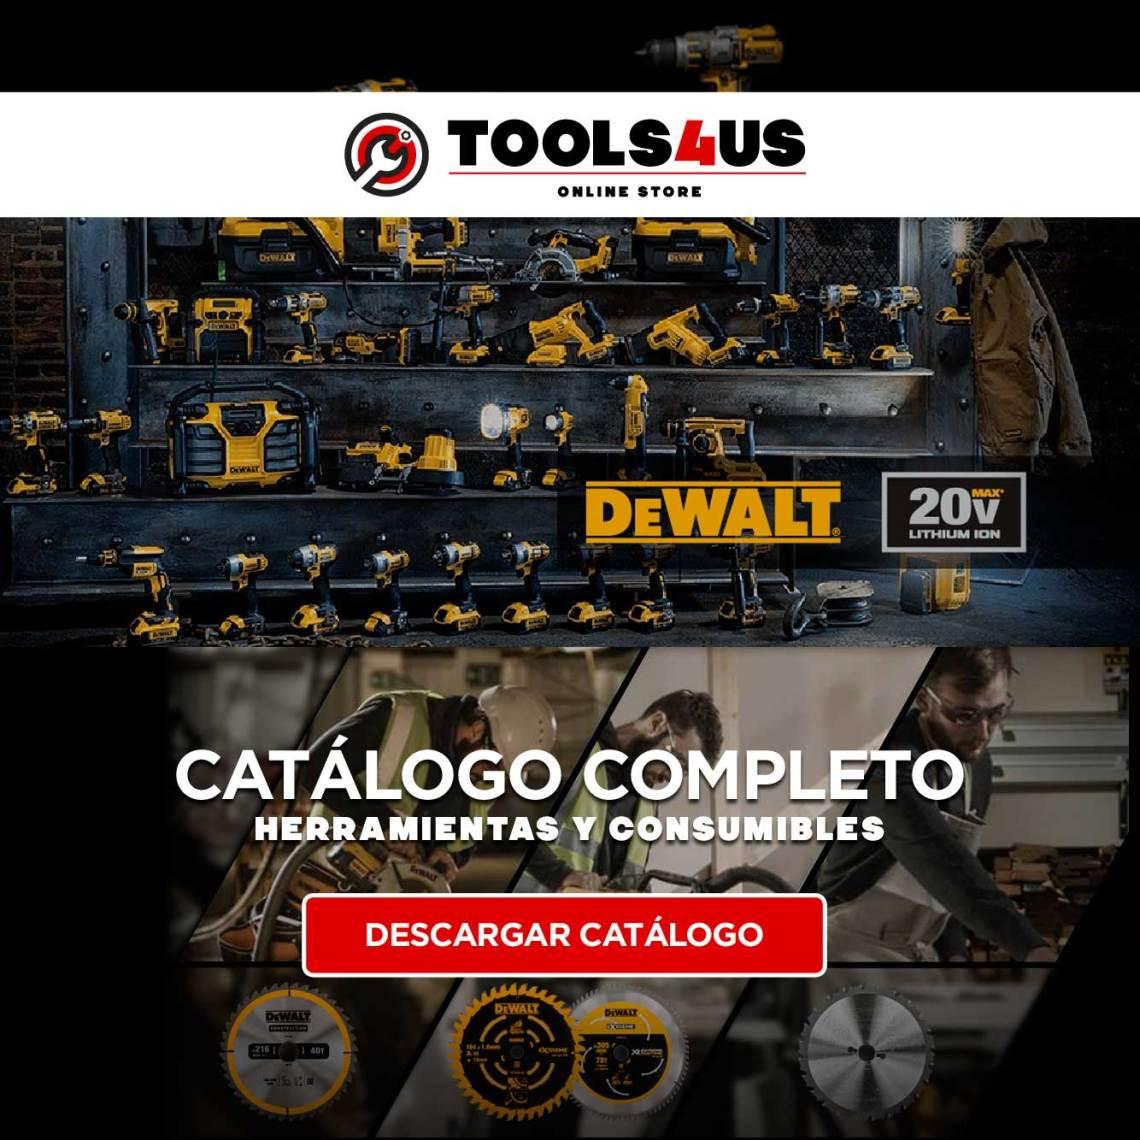 descargar catalogo herramientas completo consumibles ferreteria dewalt - Catálogos y precios Herramientas DeWalt 2018